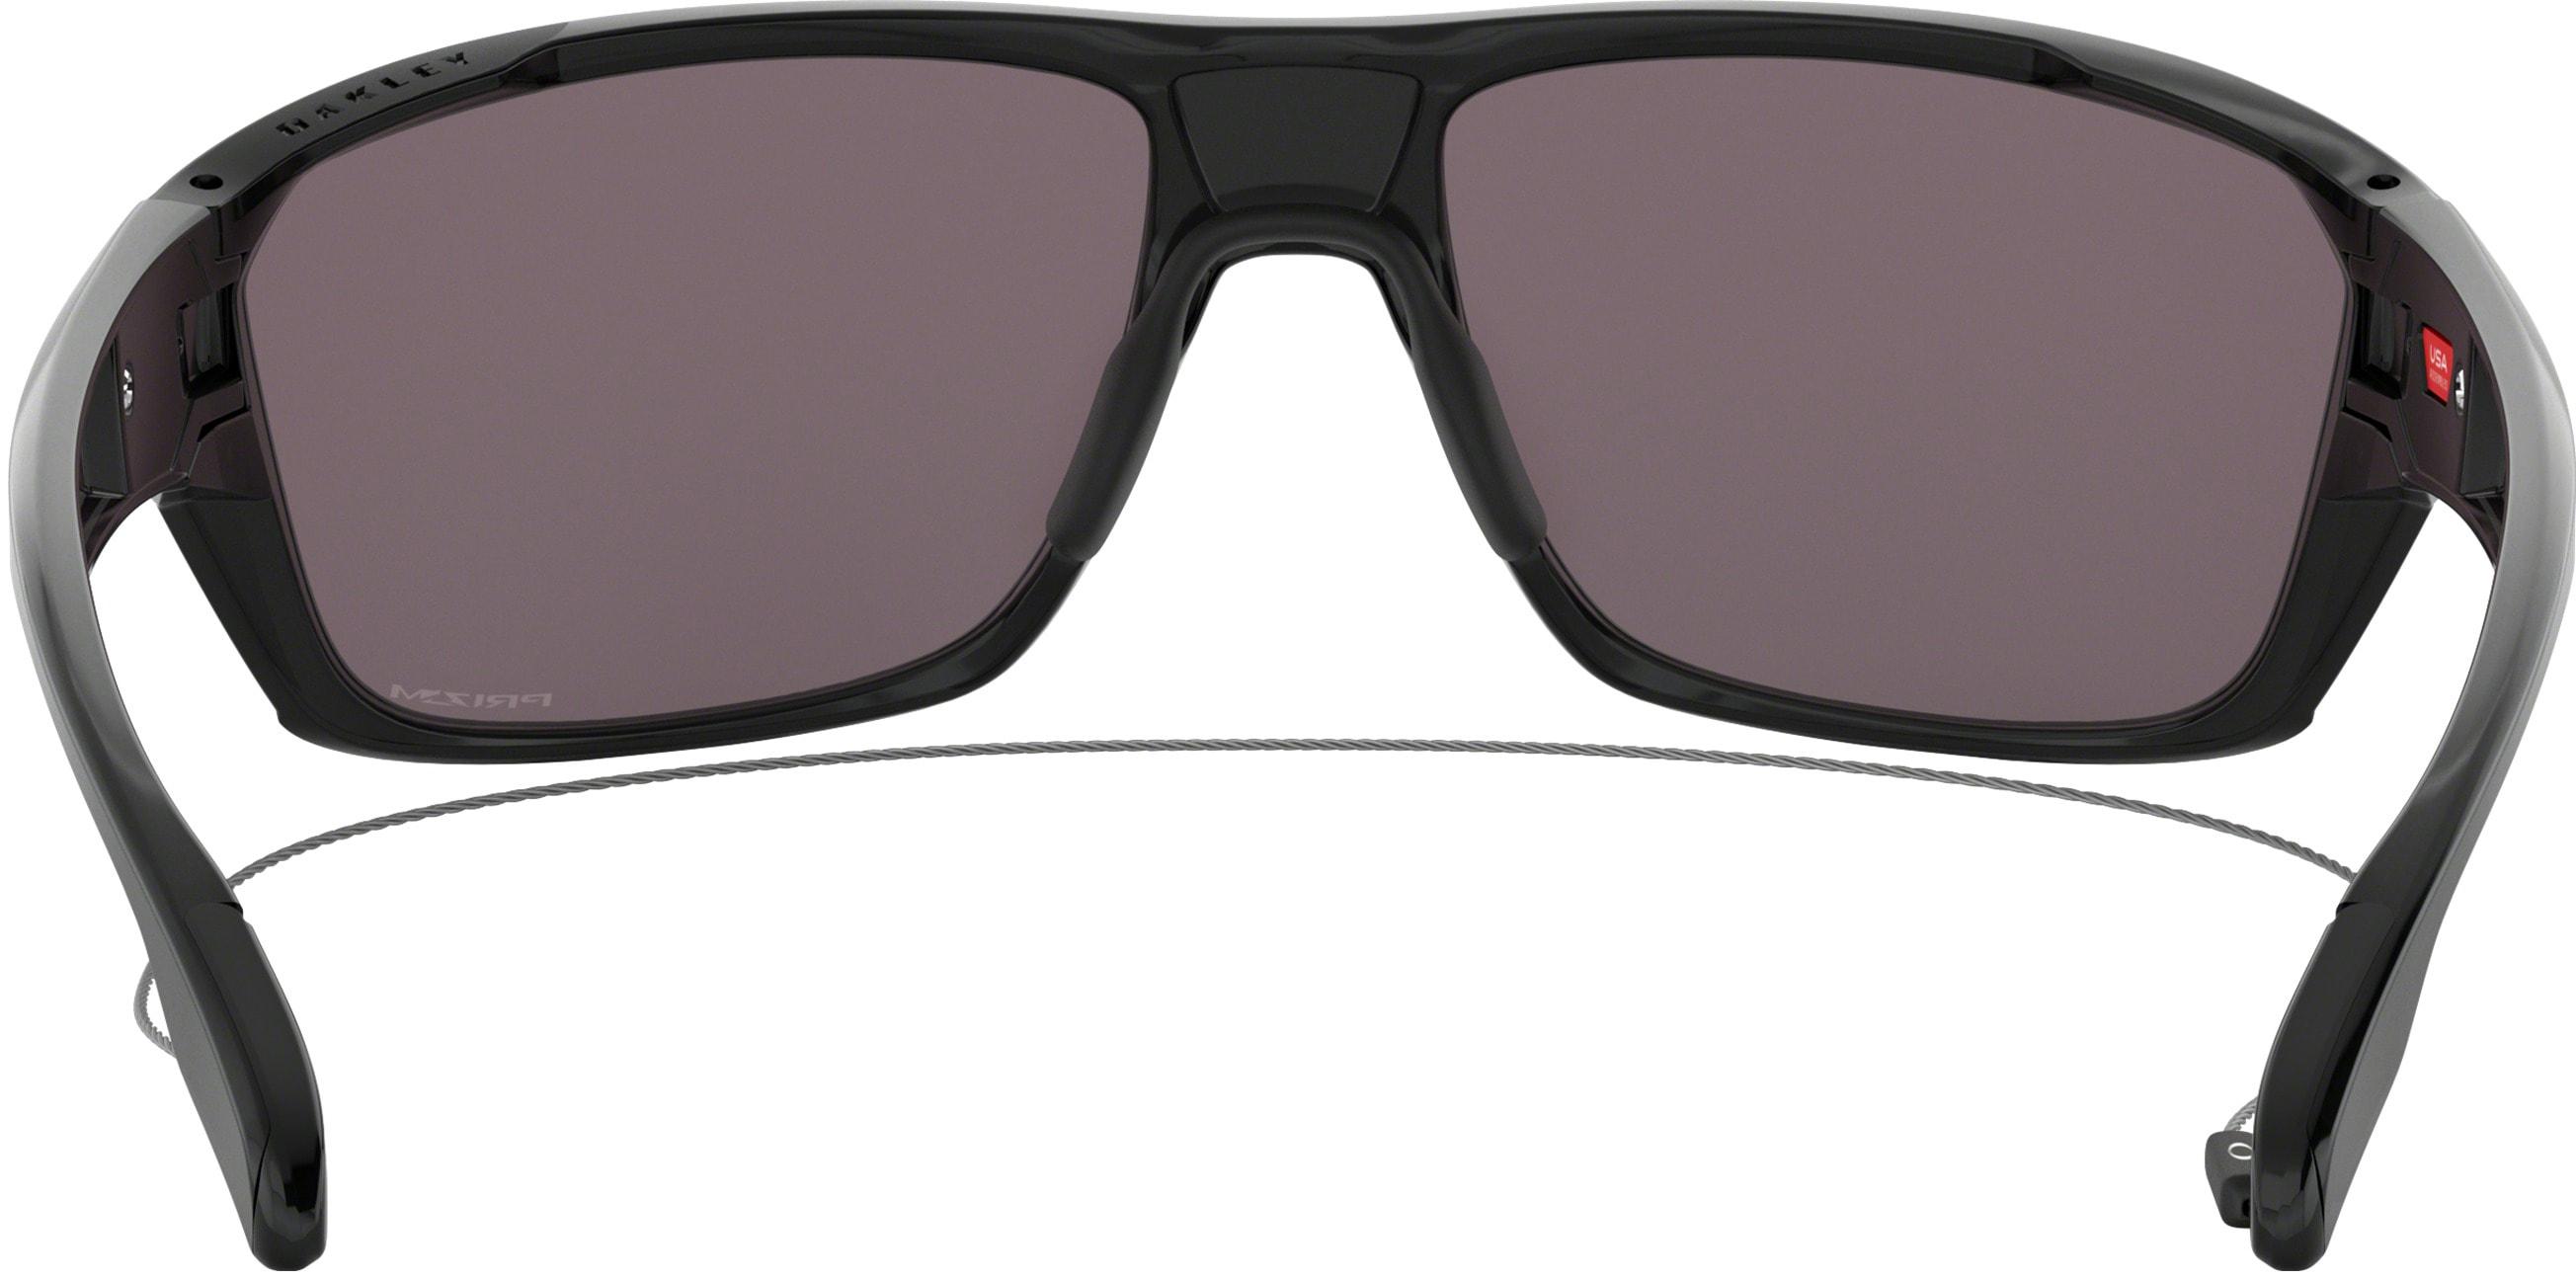 4a7e8eed6 Oakley Split Shot Sunglasses - thumbnail 3